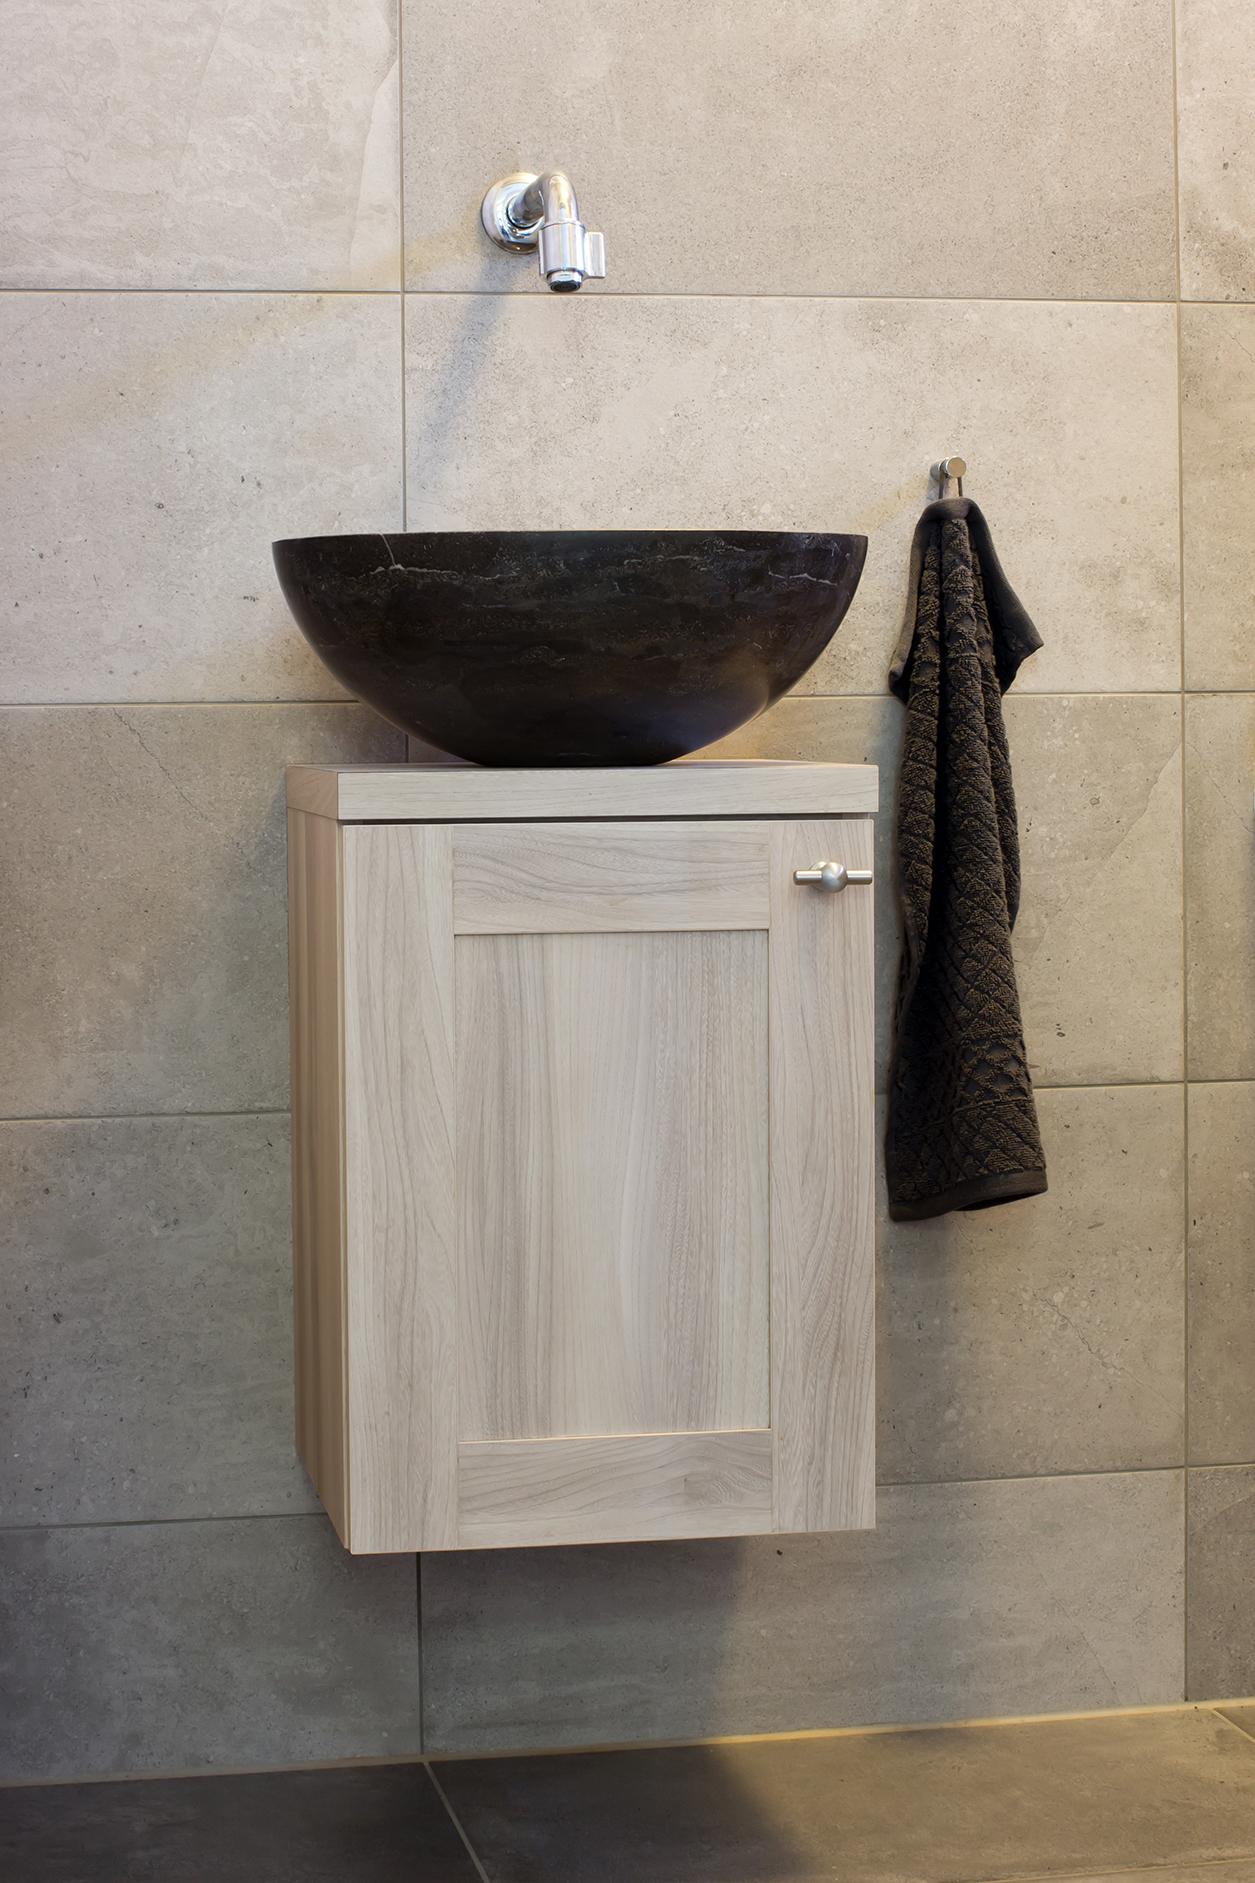 Marc van Gennip toilet kuppens_fotografie_5492